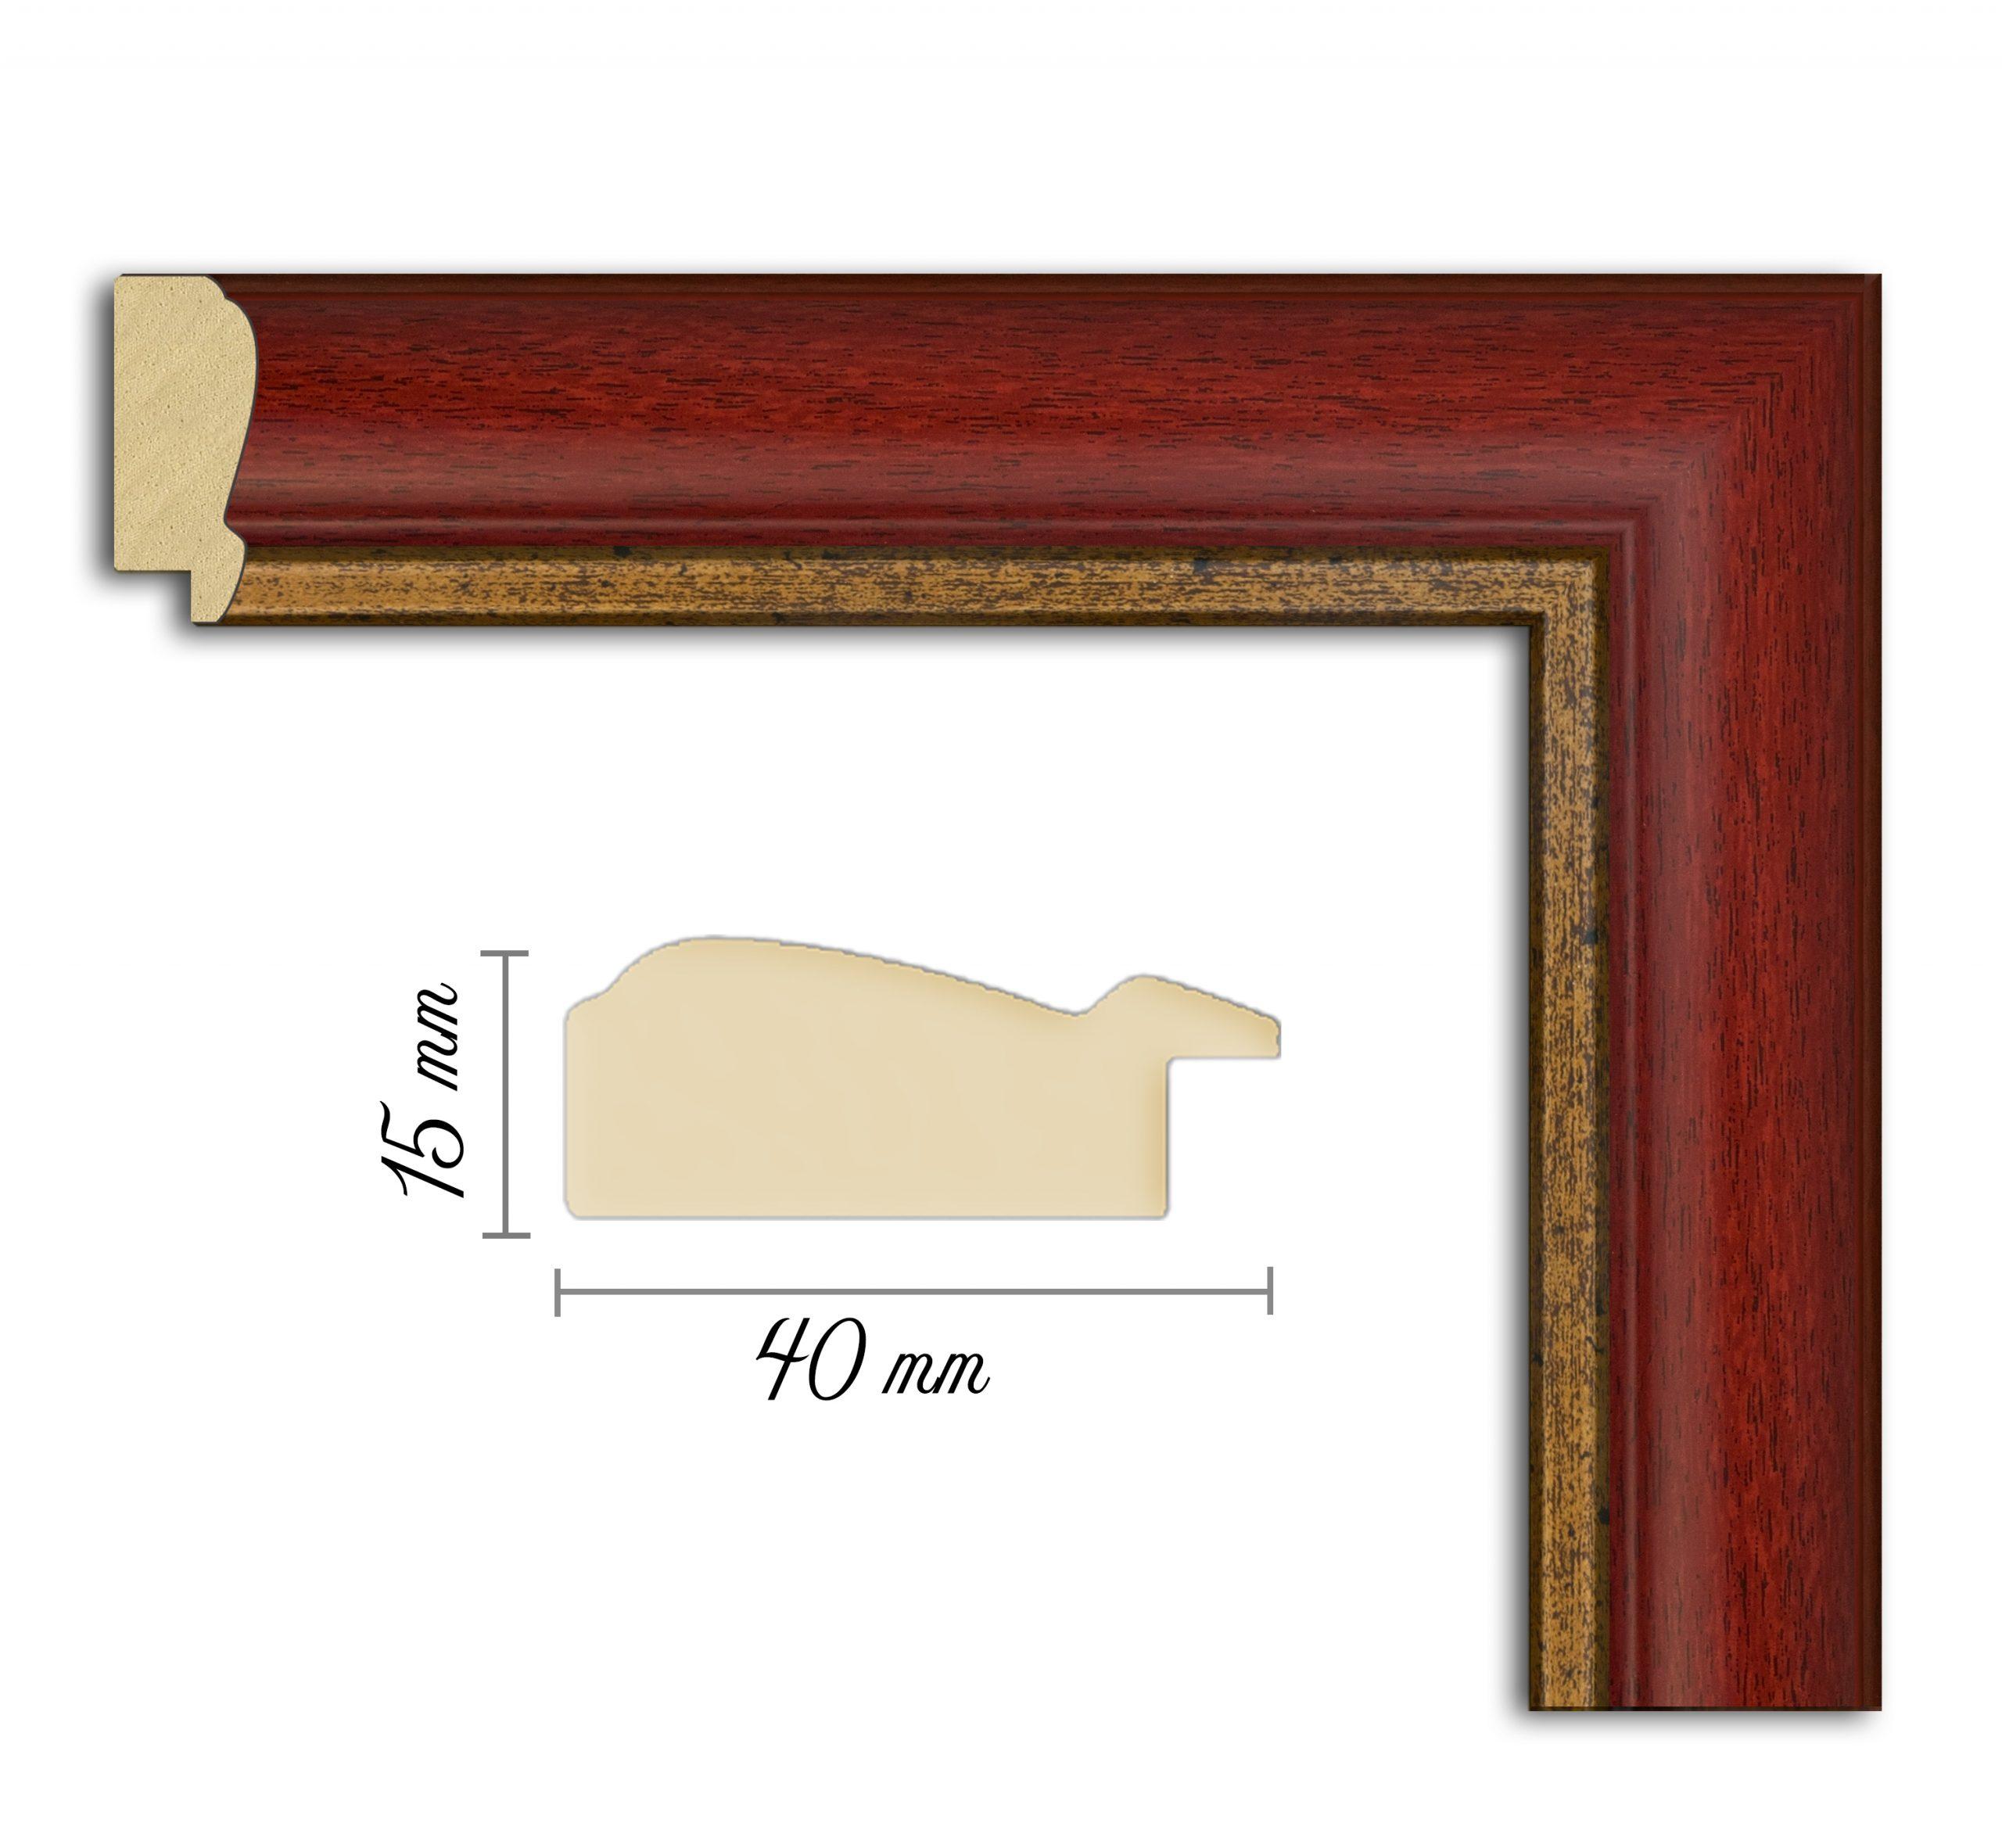 Дървен профил 02-40, Дървени профили за рамки, рамкиране, рамки за картини, рамки за гоблени, профили за рамки, профили за рамкиране, рамки от дърво, дървени рамки, профили за рамки, профили за рамкране, рамкиране на картини;Червена рамка, червен профил за рамка;